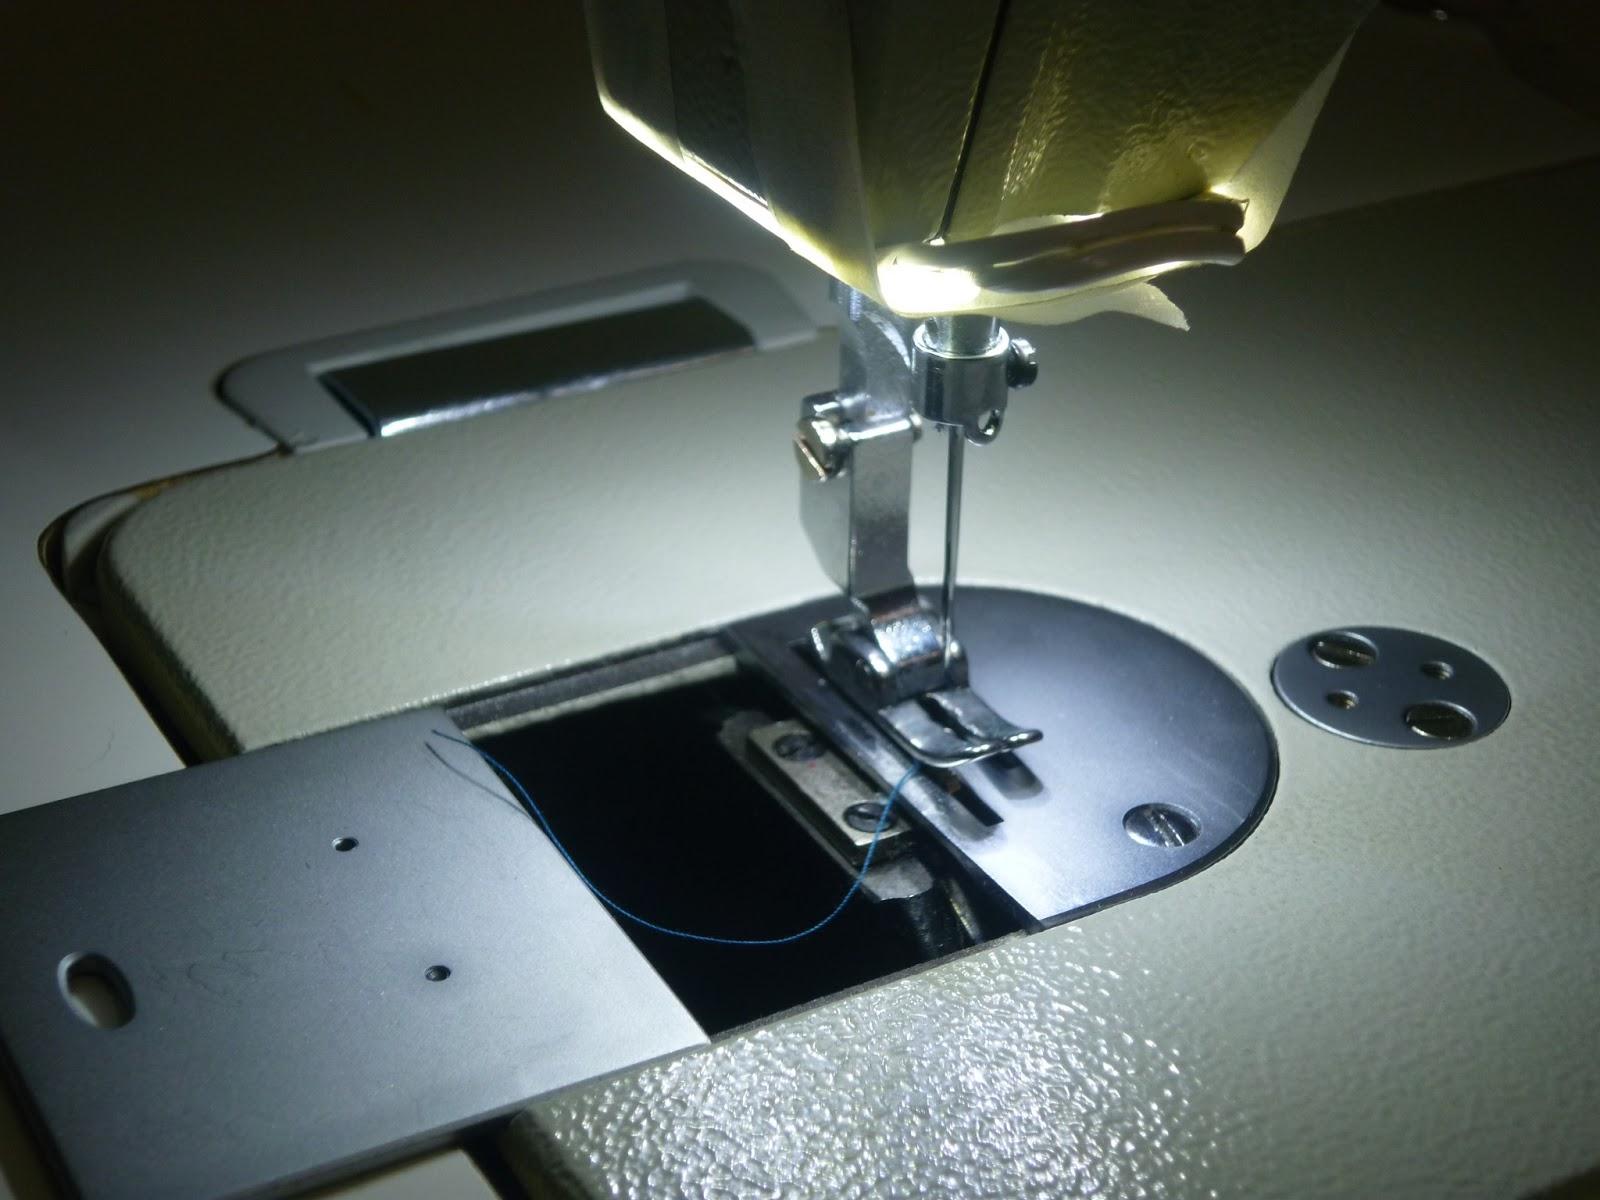 Colocar luces led en la maquina de coser industrial